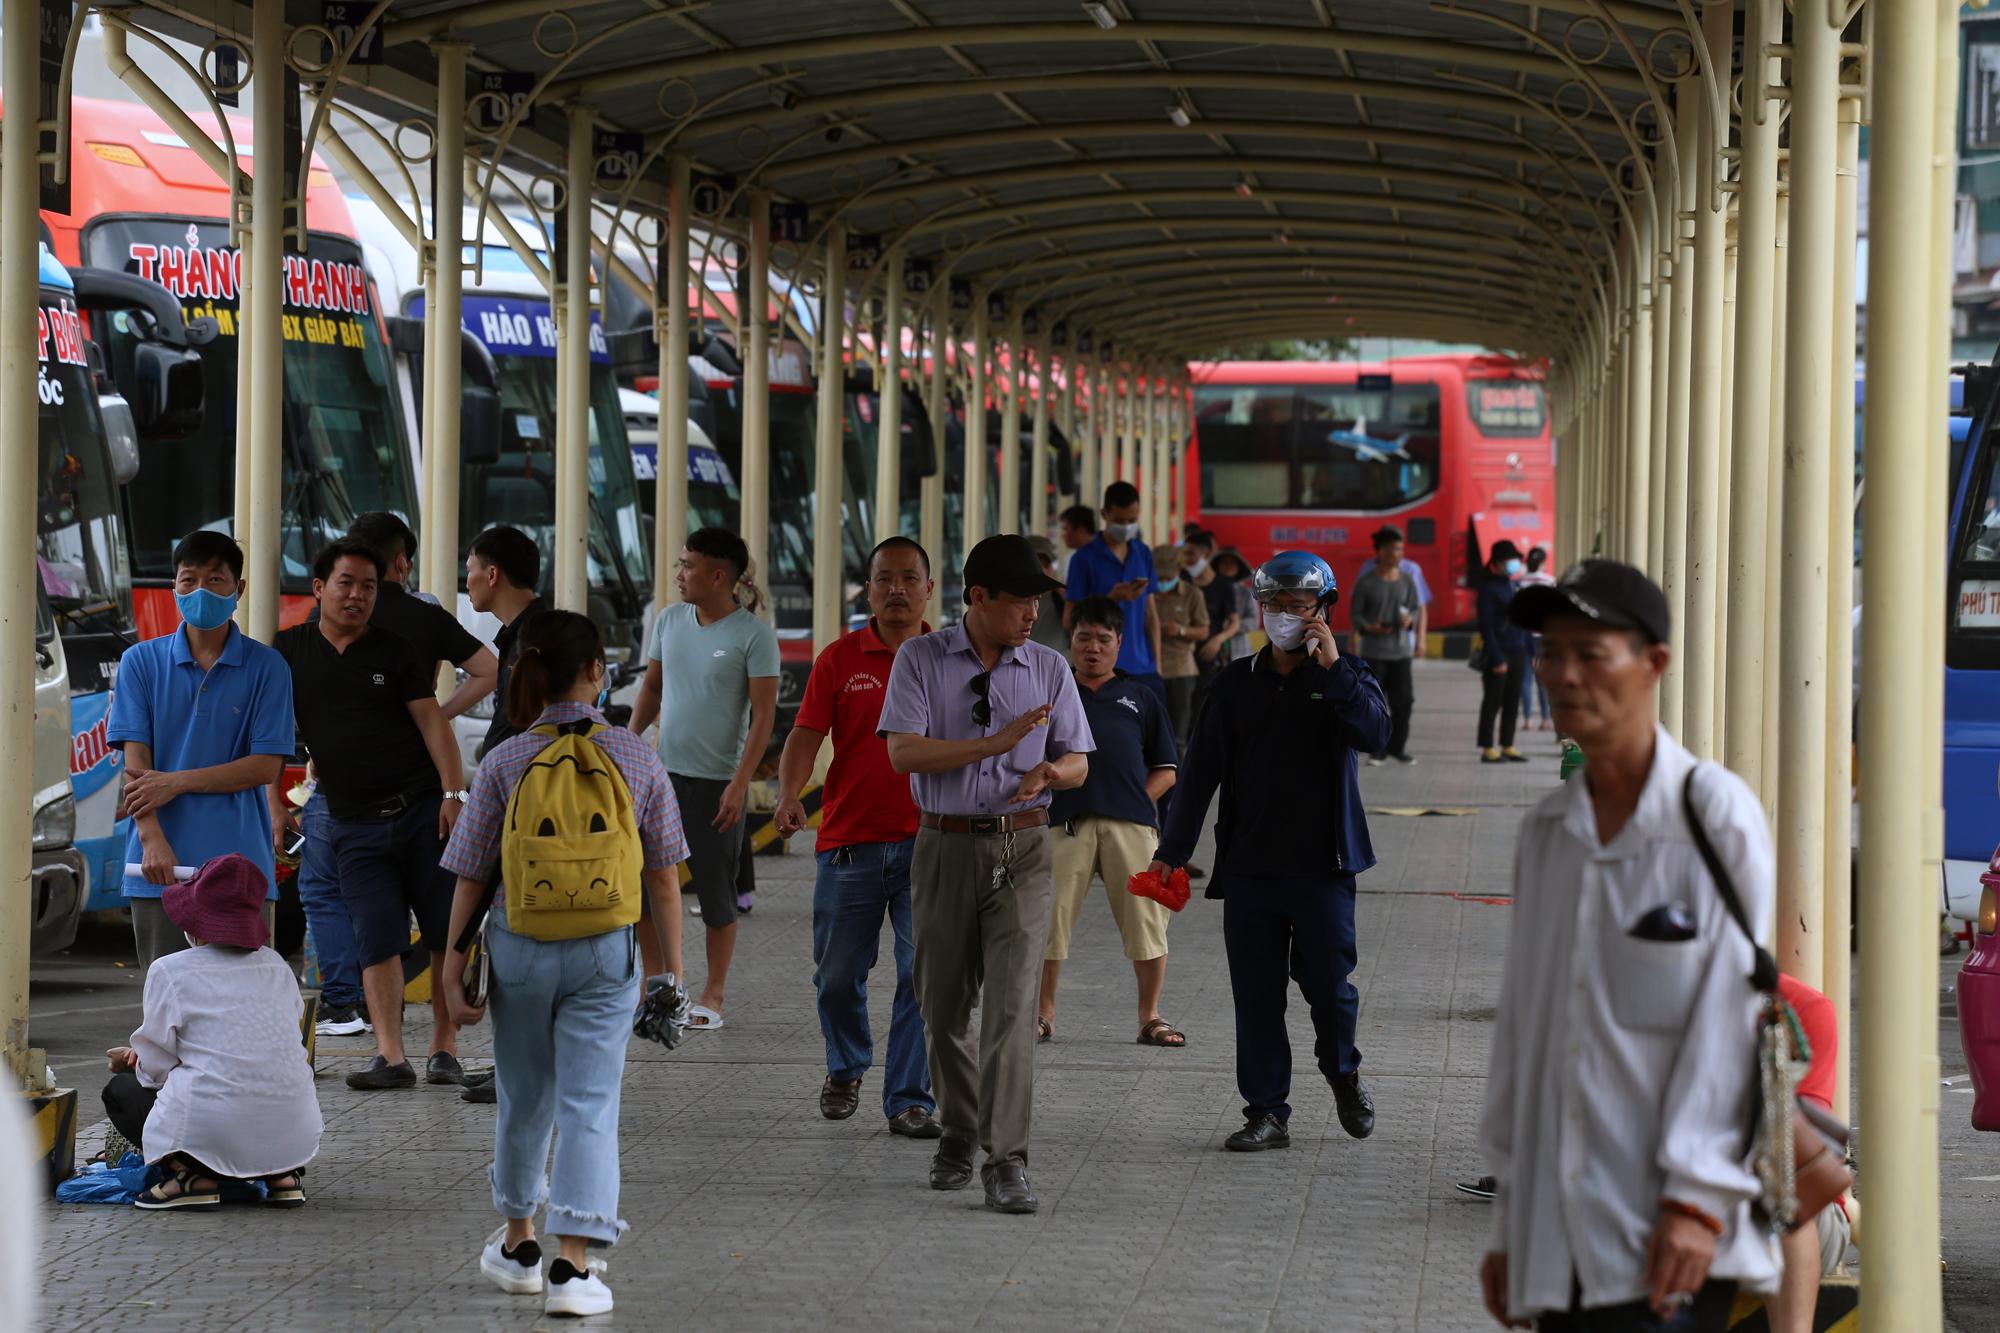 Vận tải khách trở lại bình thường, bến xe ở Hà Nội vẫn vắng vẻ - Ảnh 2.